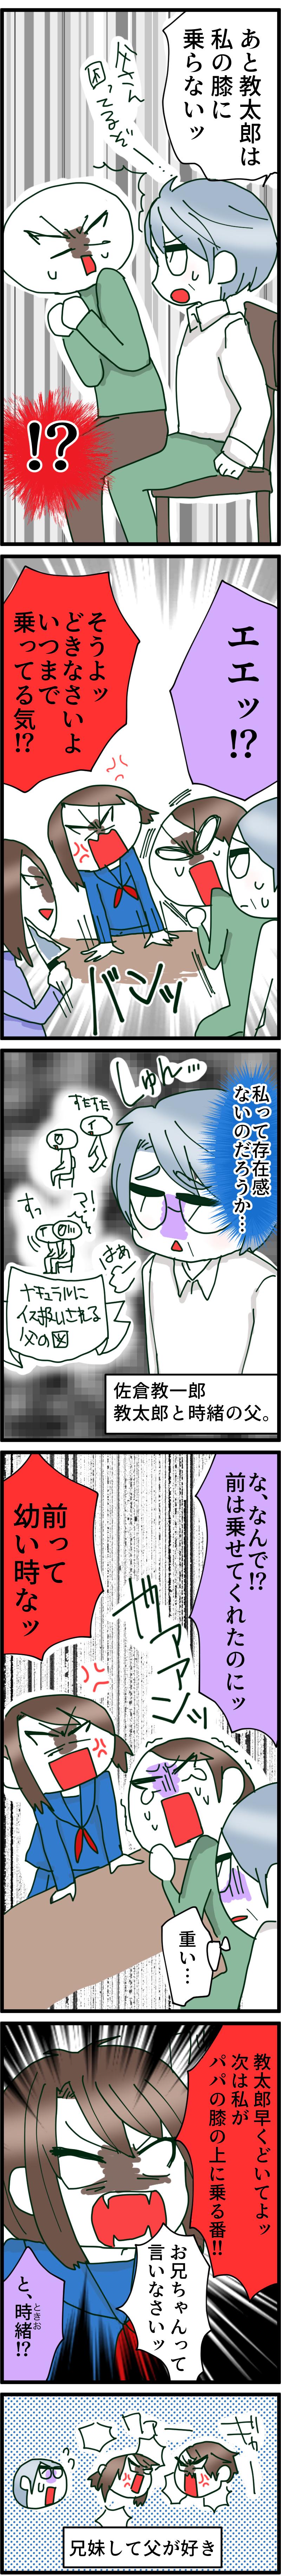 佐倉家の事情2話02